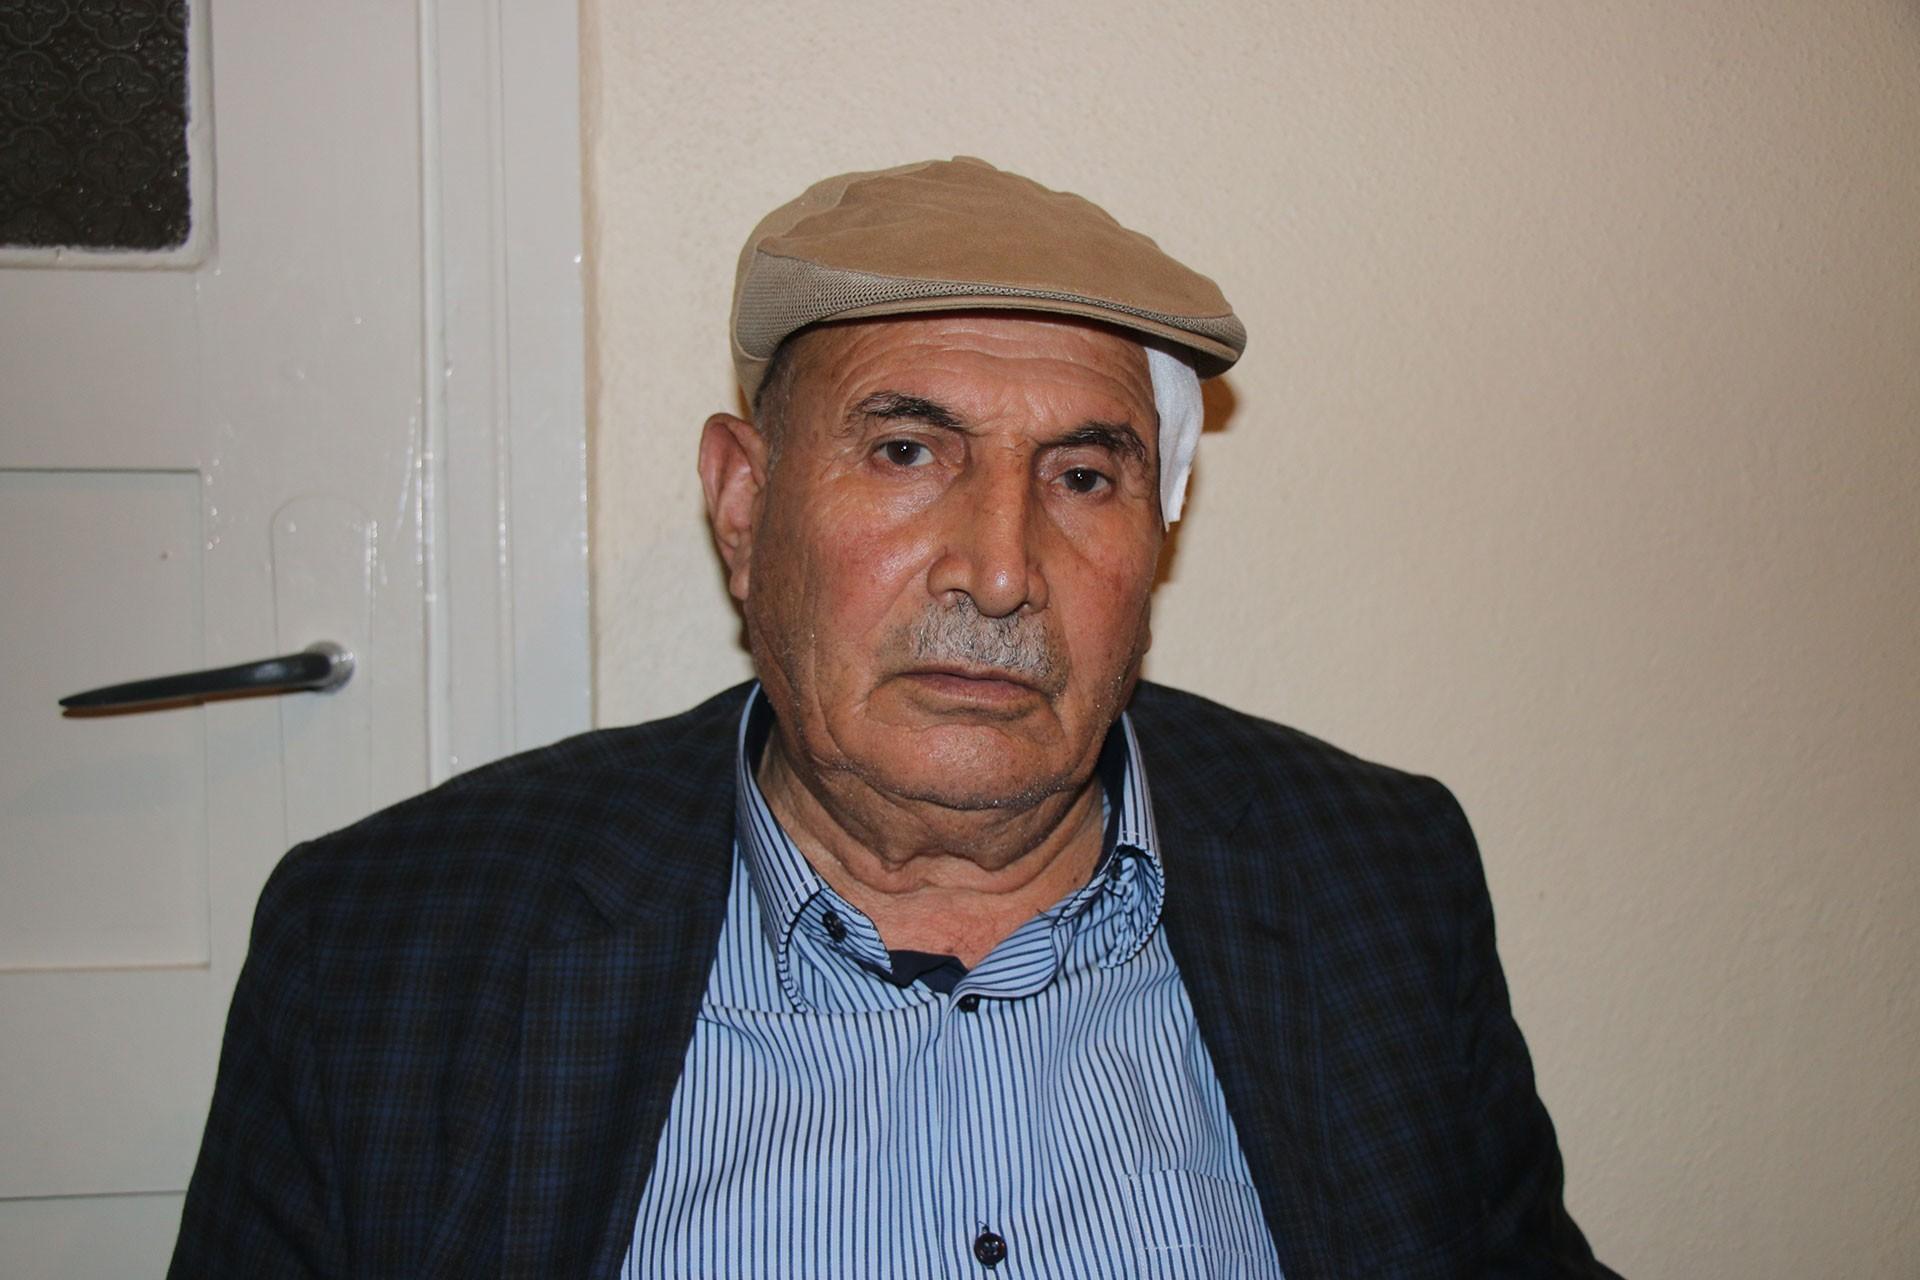 Kürtçe konuştuğu için saldırıya uğrayan Ekrem Yaşlı yaşadıklarını anlattı